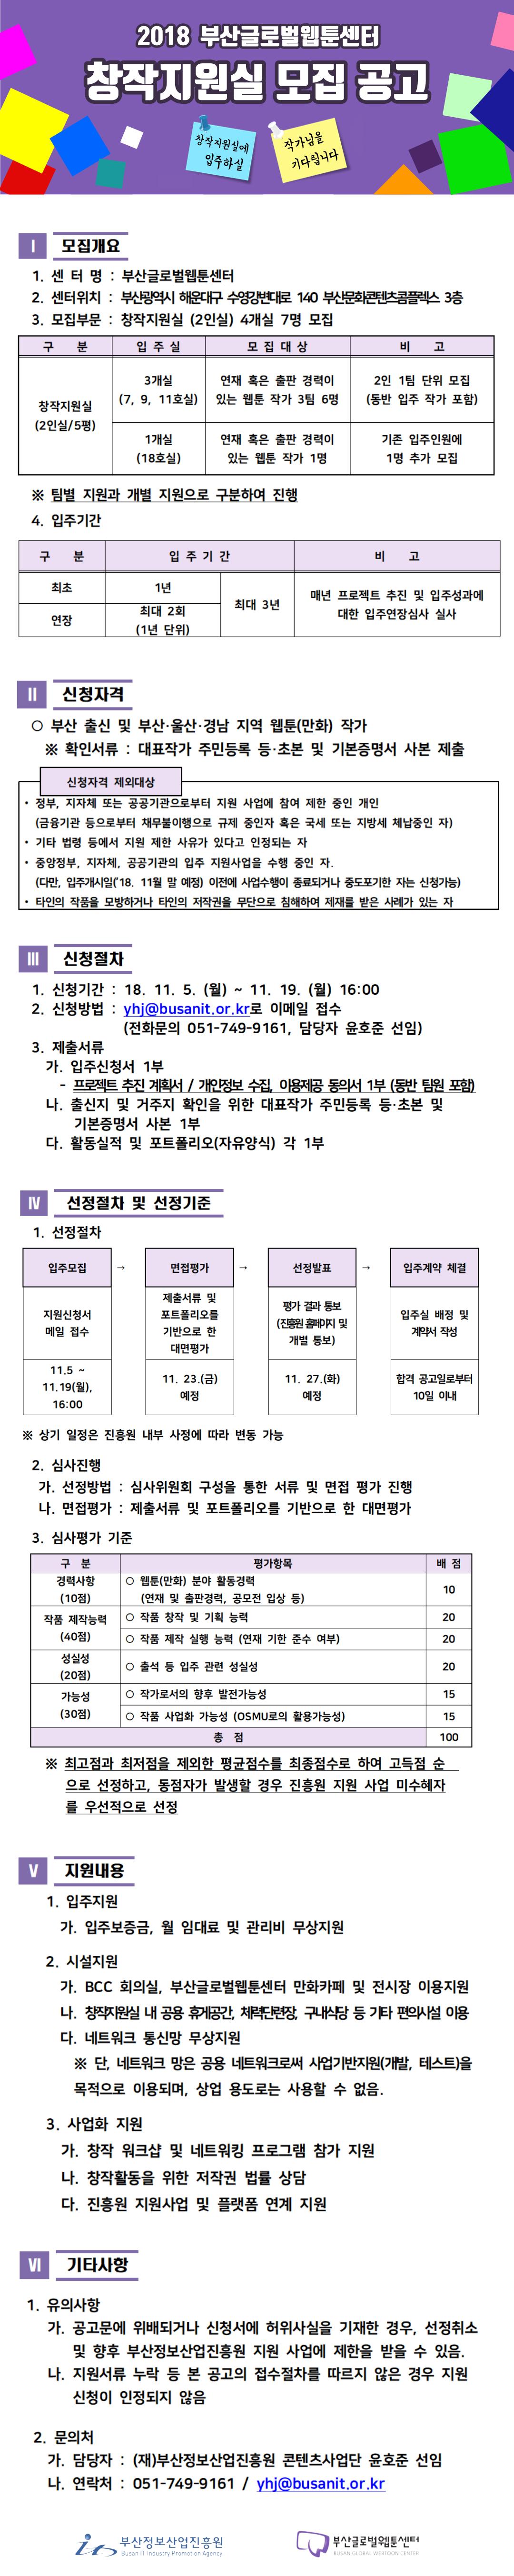 2018 부산글로벌웹툰센터 창작지원실 모집 공고